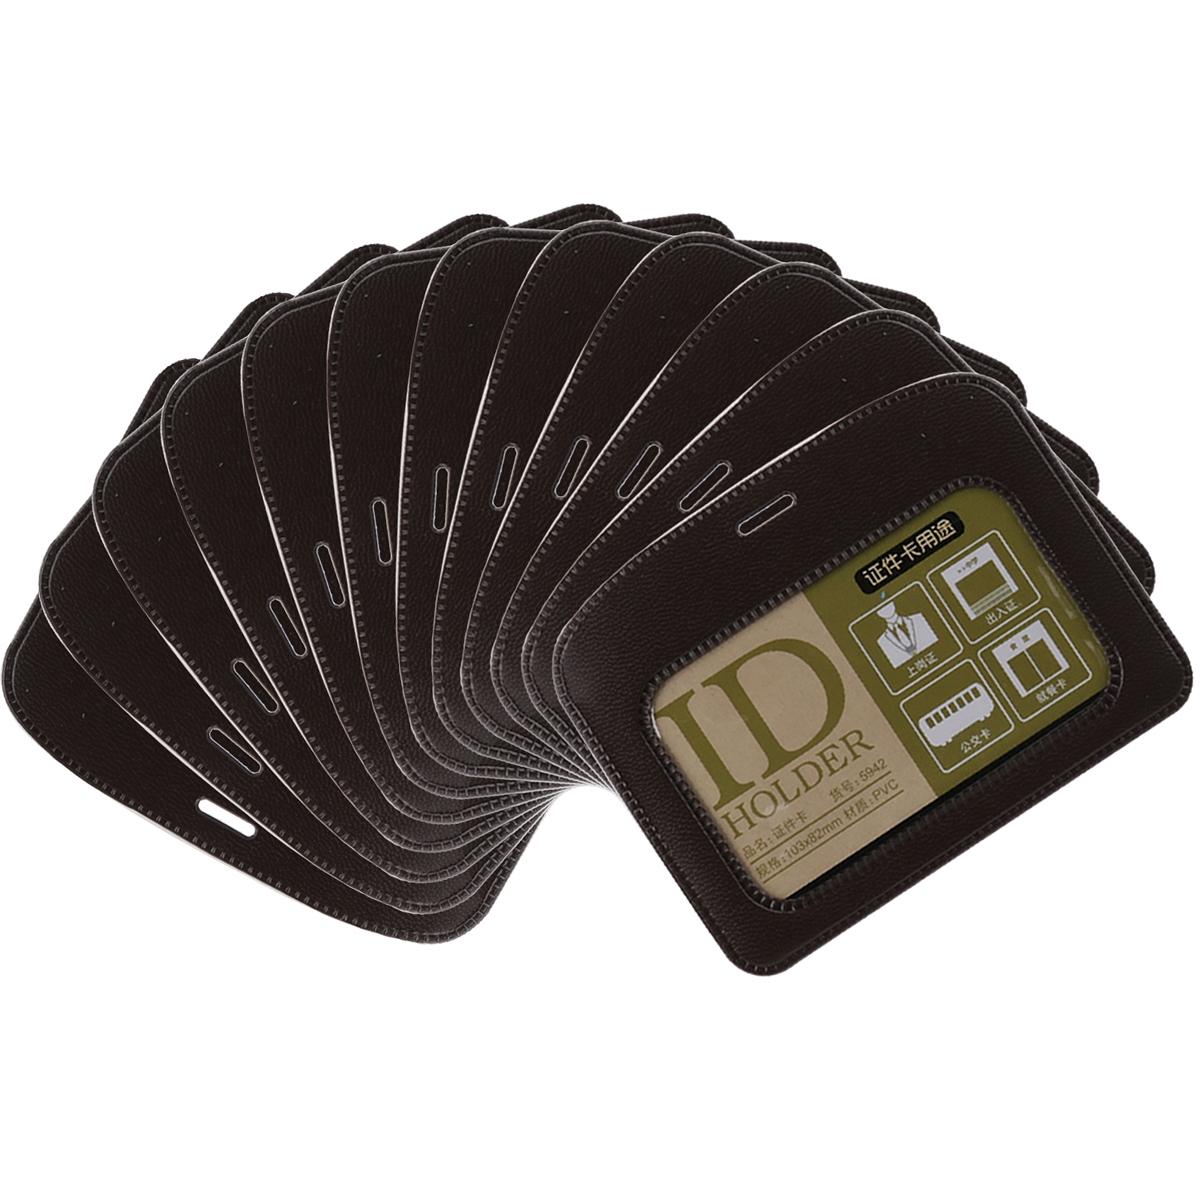 得力5942横式证件卡 会展证/证件卡/卡套工作牌(棕色)